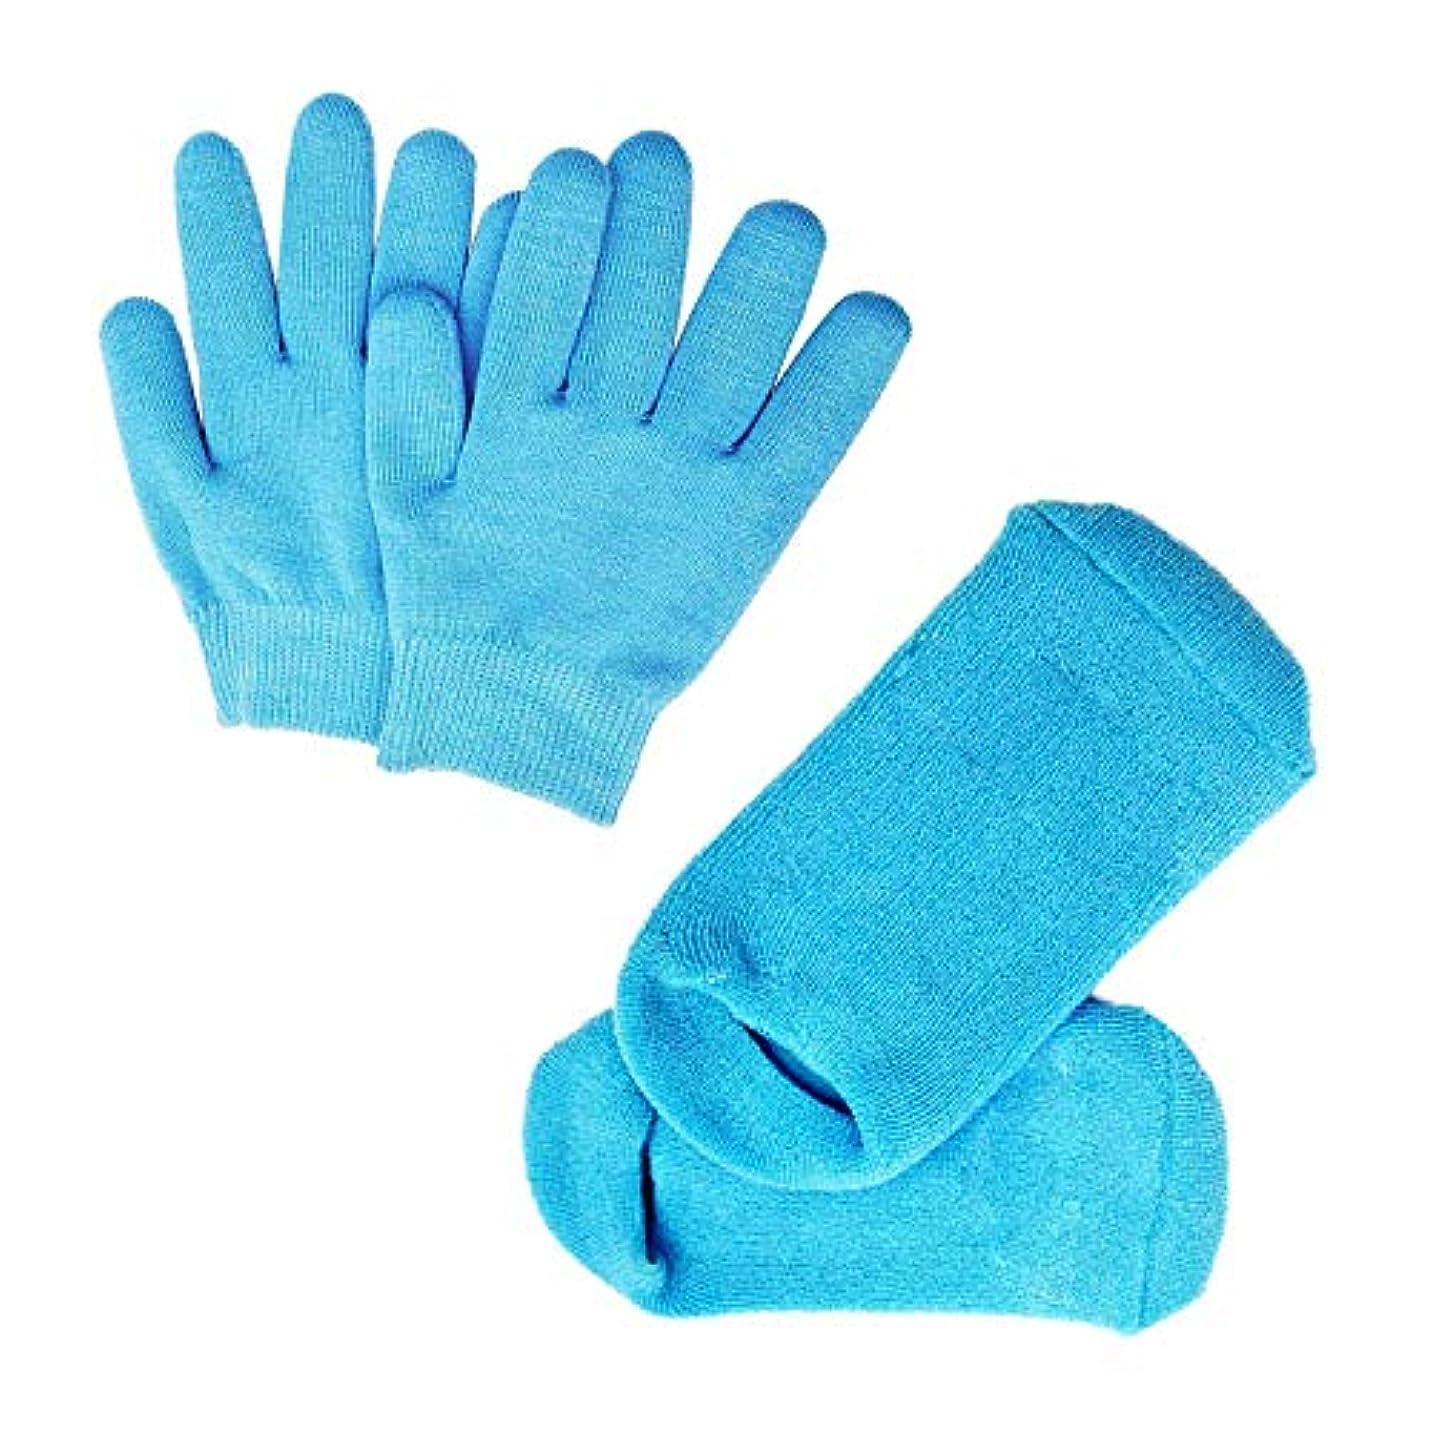 無許可ボートおびえたPinkiou 眠る森のSPAジェルグローブ/SPAジェルソックス ハンドケアグローブ/フットケアソックス 角質取り 保湿 かかとケア オープントゥ 素肌美人 靴下と手袋 一セット スバ いいお肌になりましょう(ブルー)